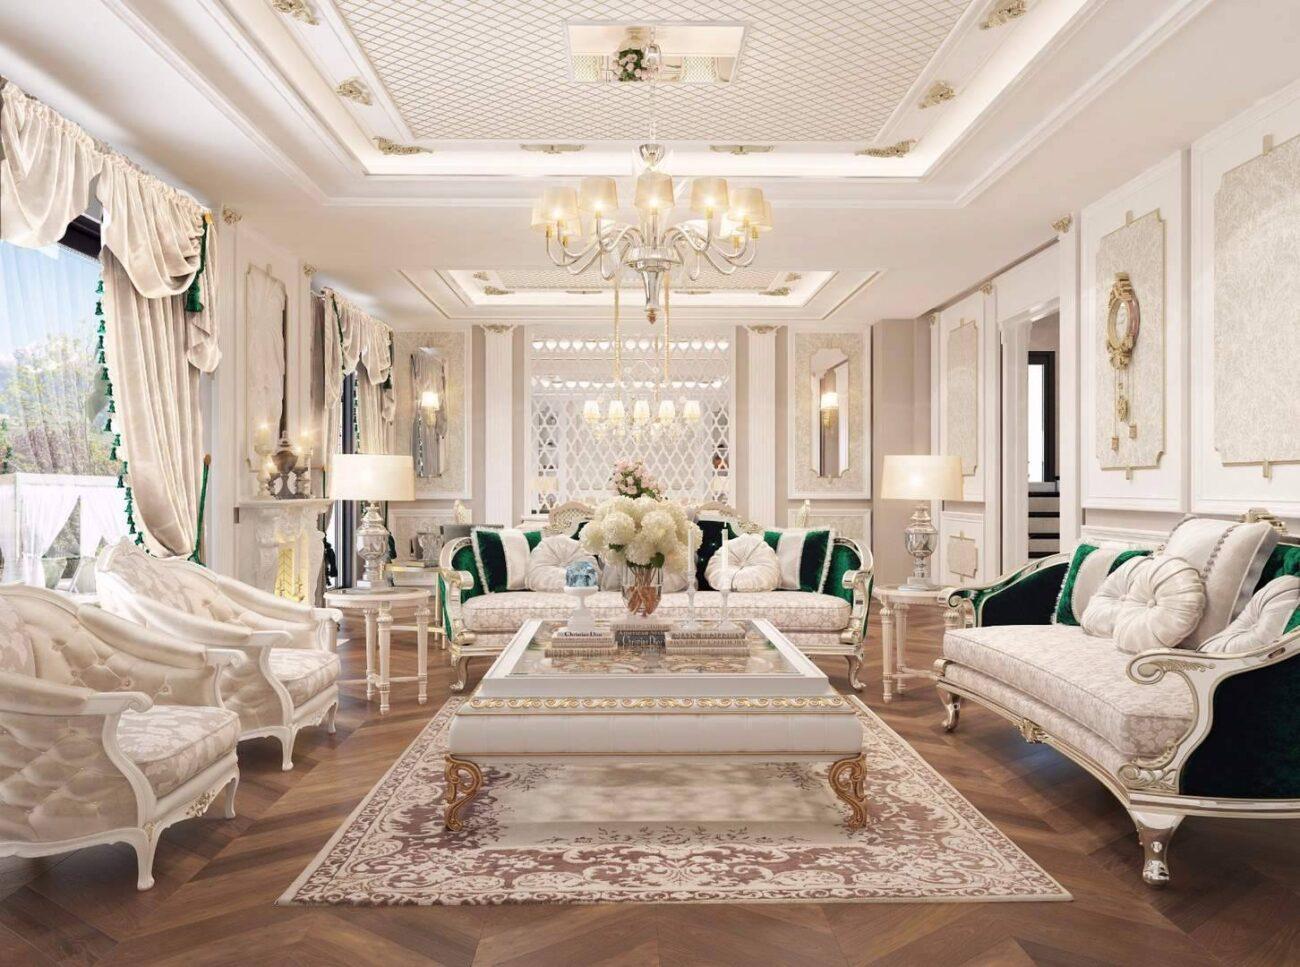 Malikane salon tasarımı